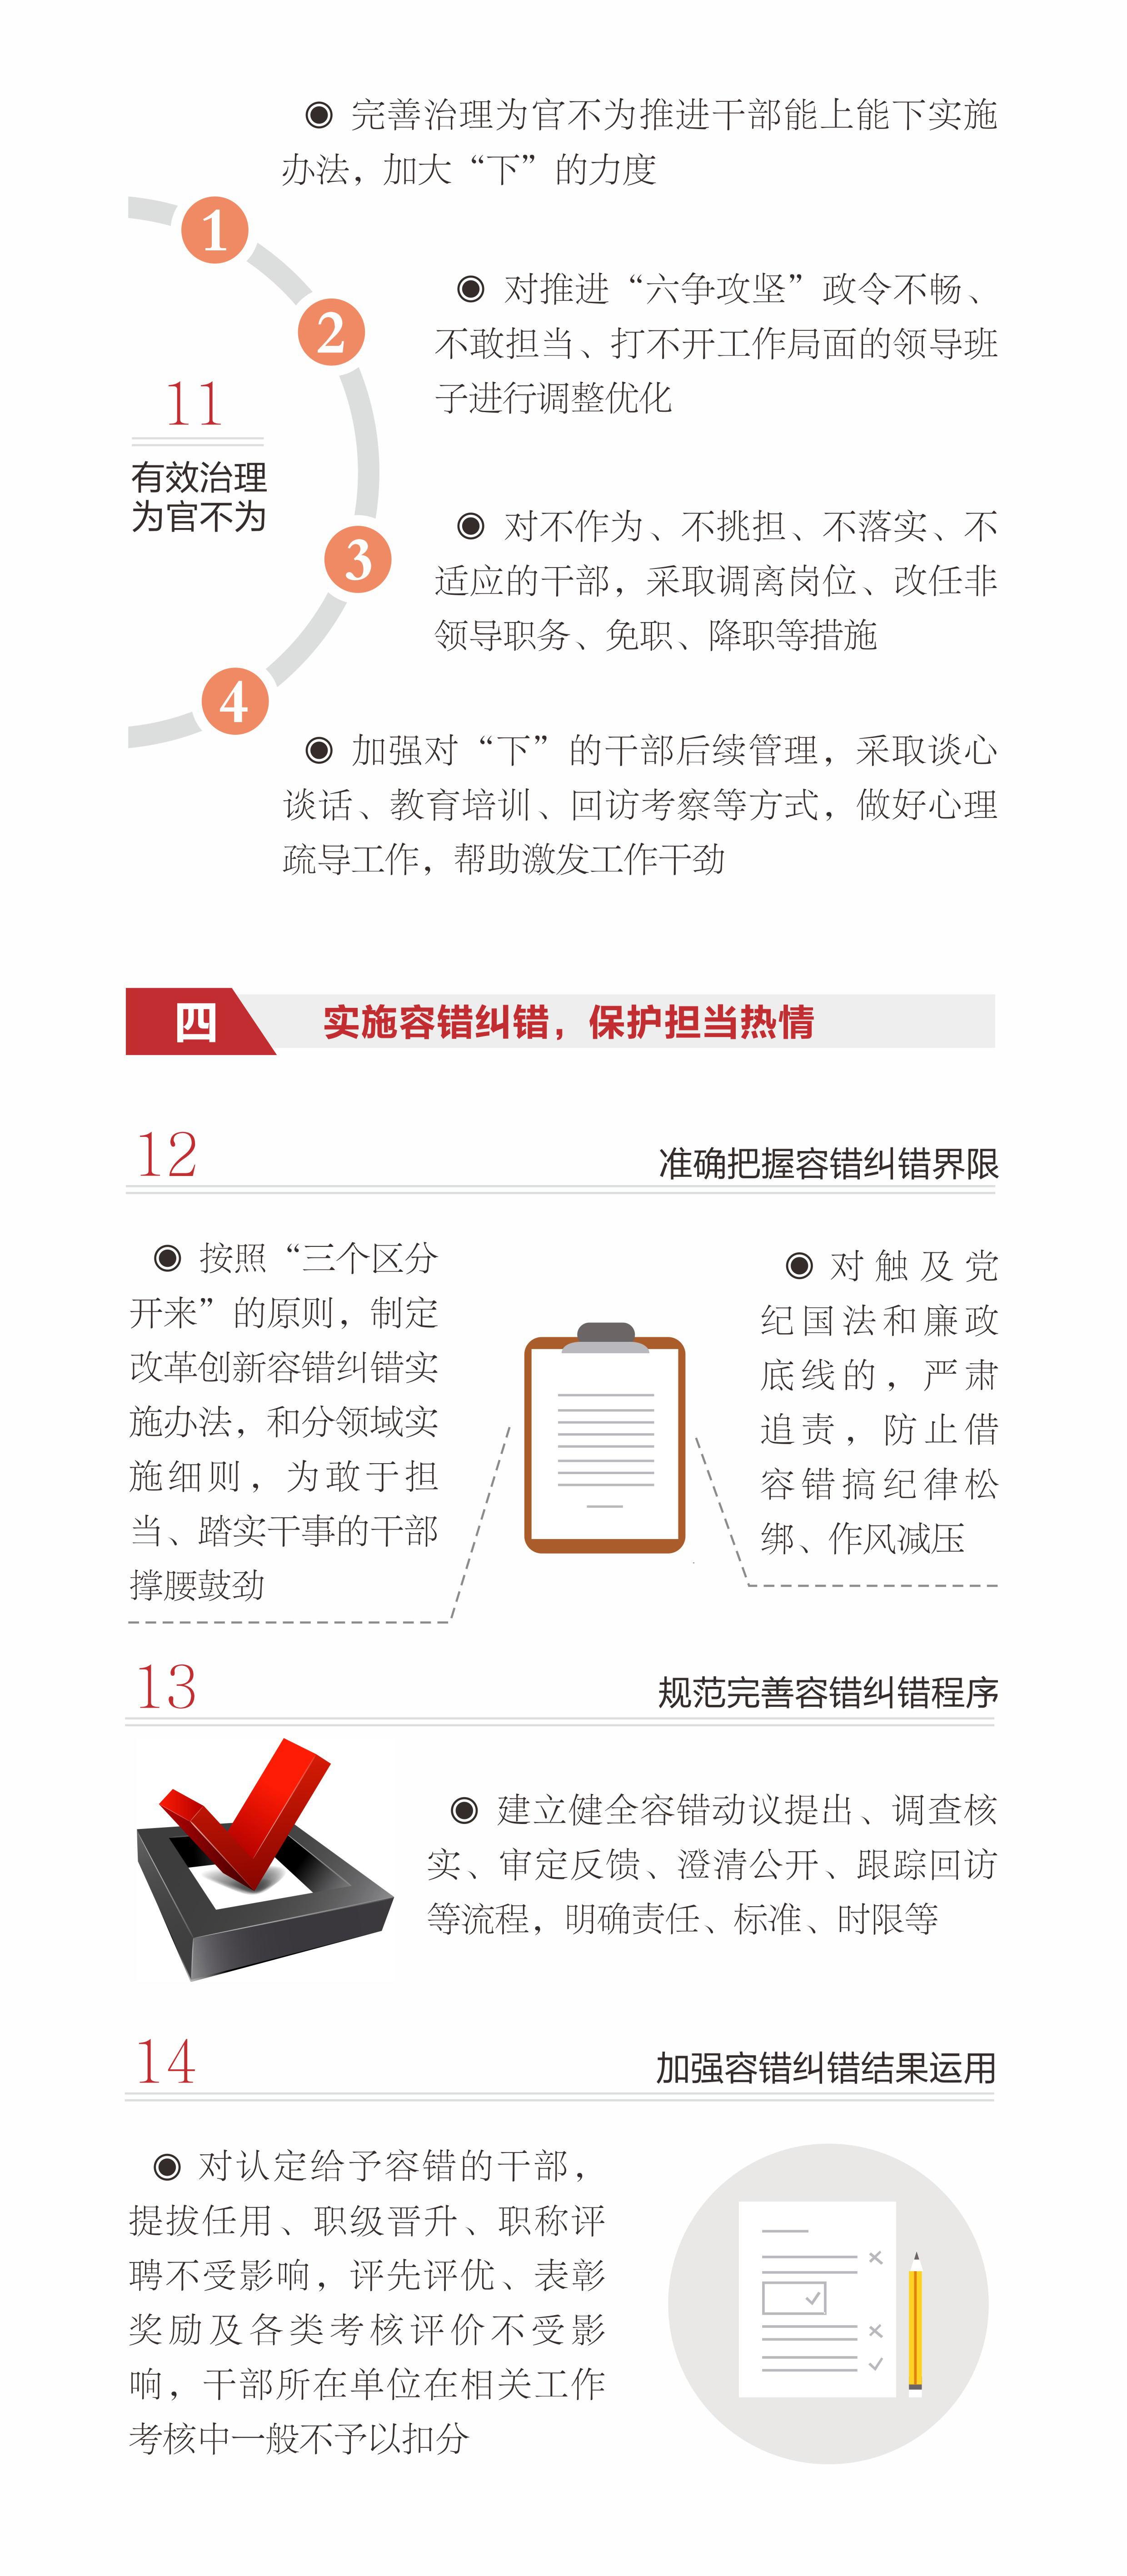 图解5_看图王.jpg